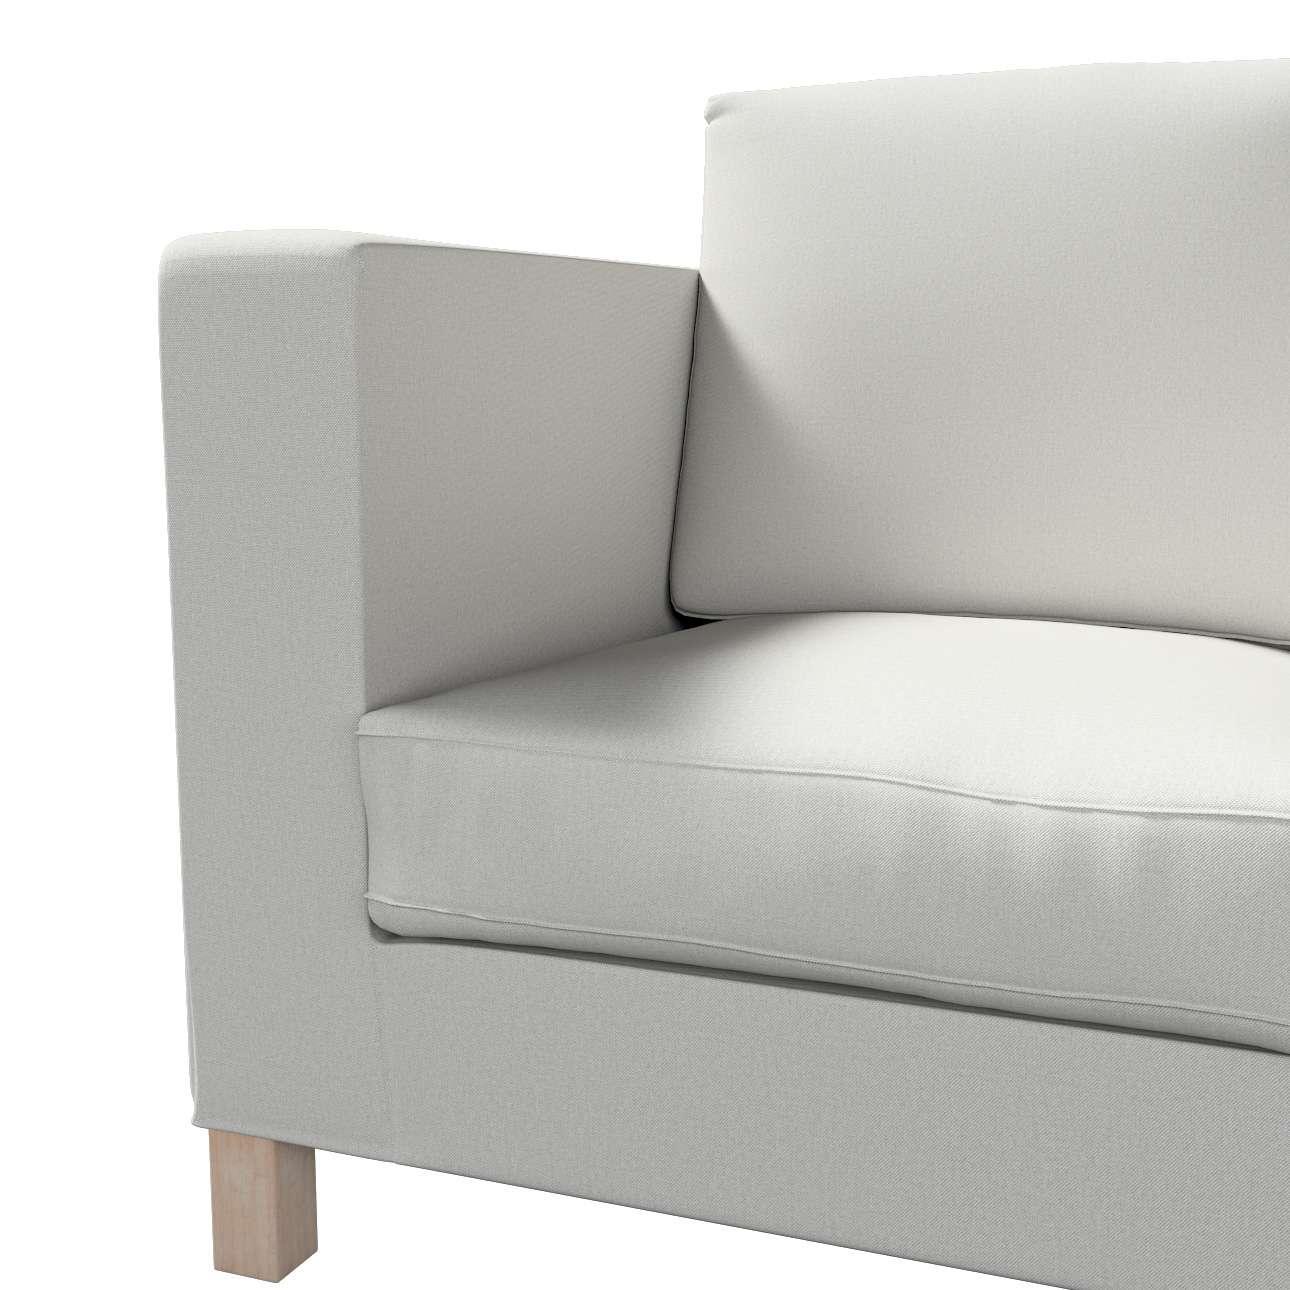 Pokrowiec na sofę Karlanda 3-osobową nierozkładaną, krótki w kolekcji Etna, tkanina: 705-90